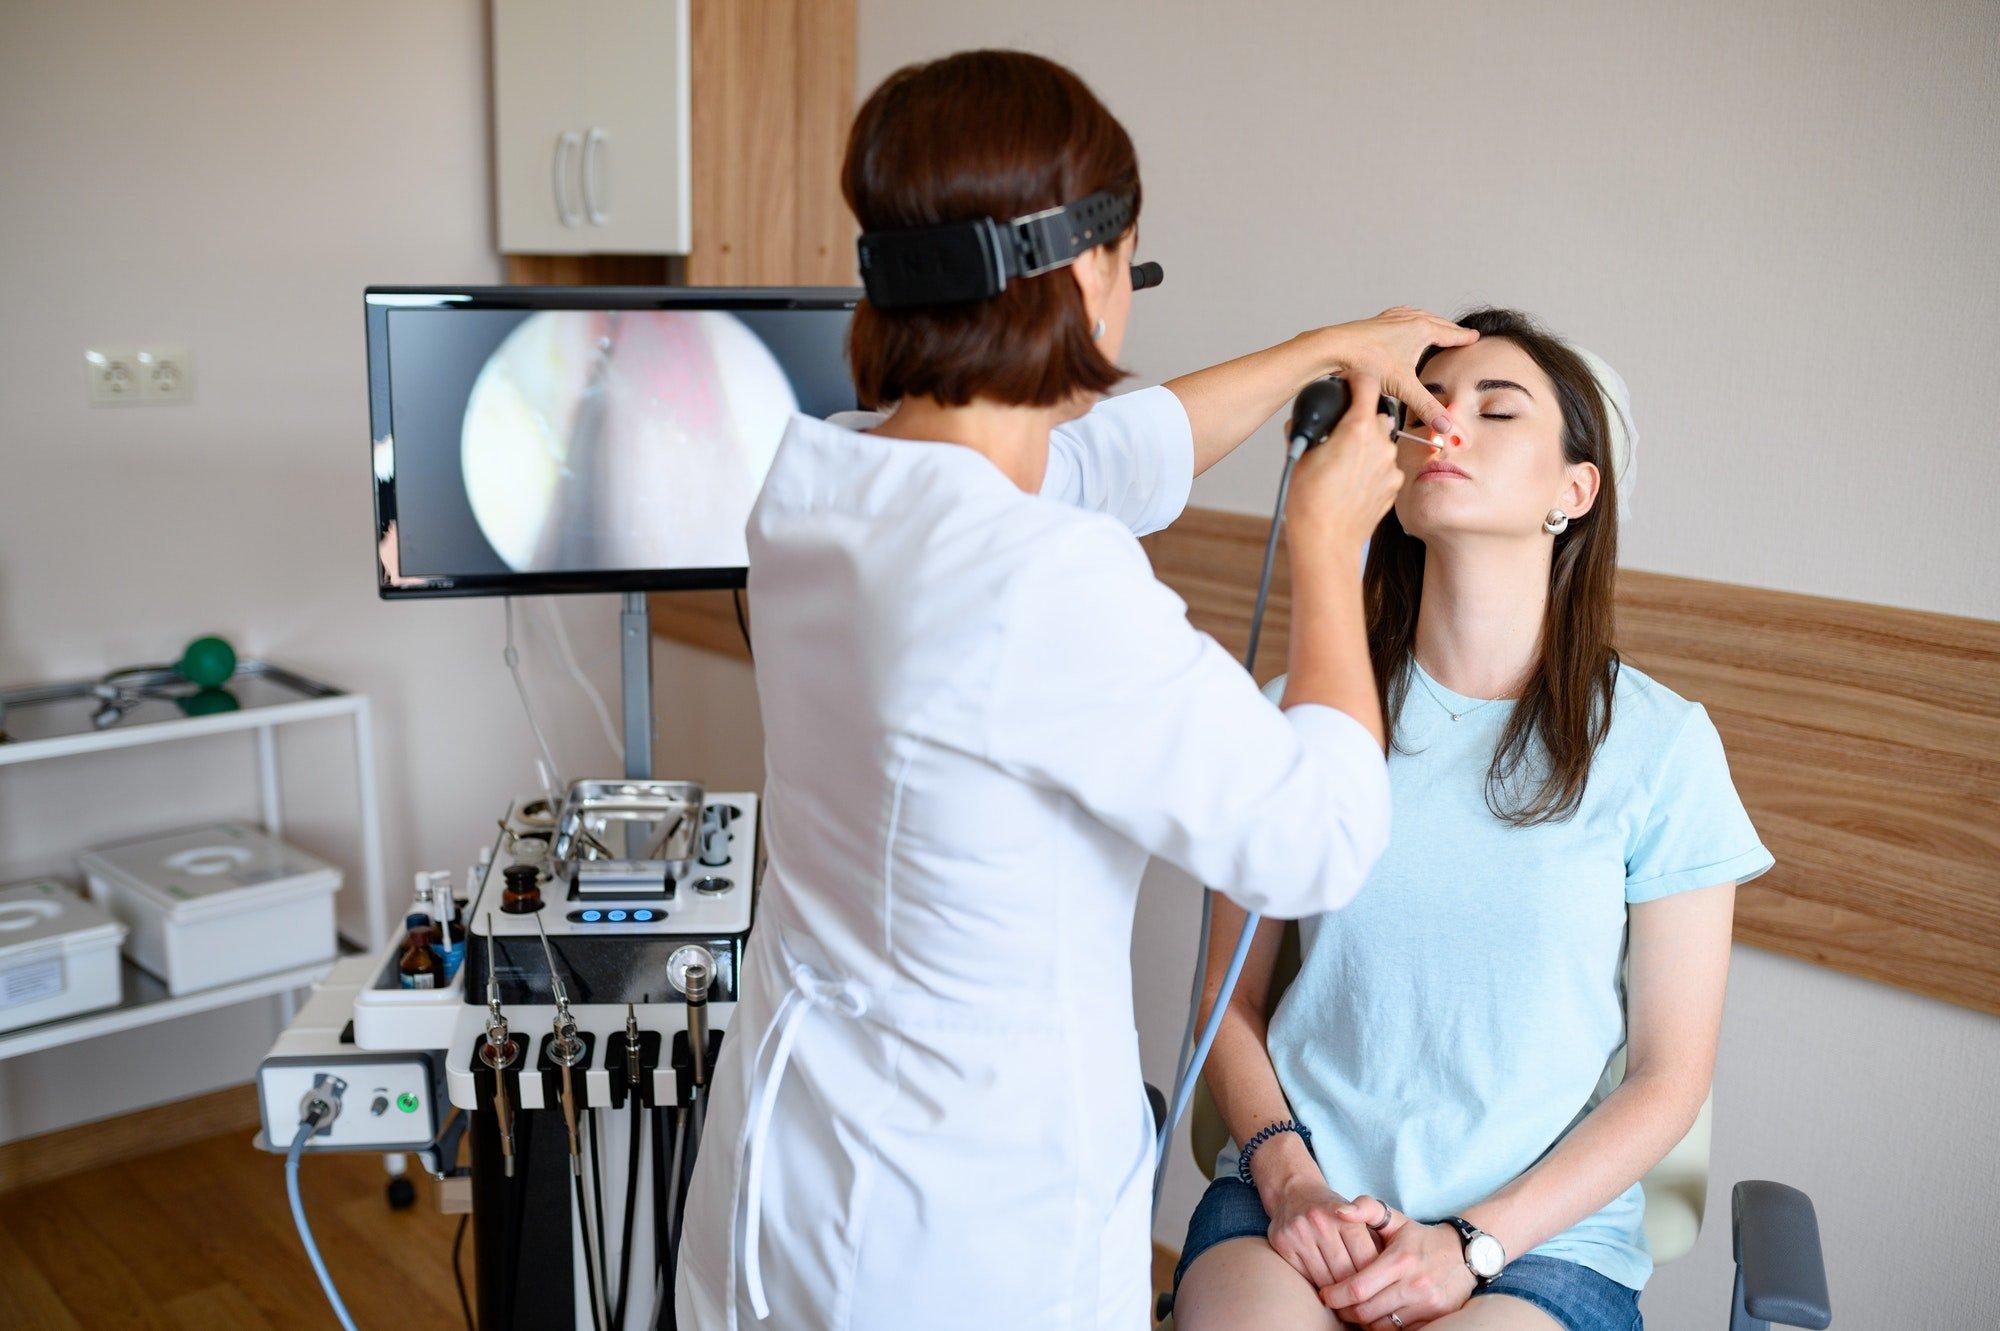 Otorinolaringoiatra esegue un'endoscopia su una paziente